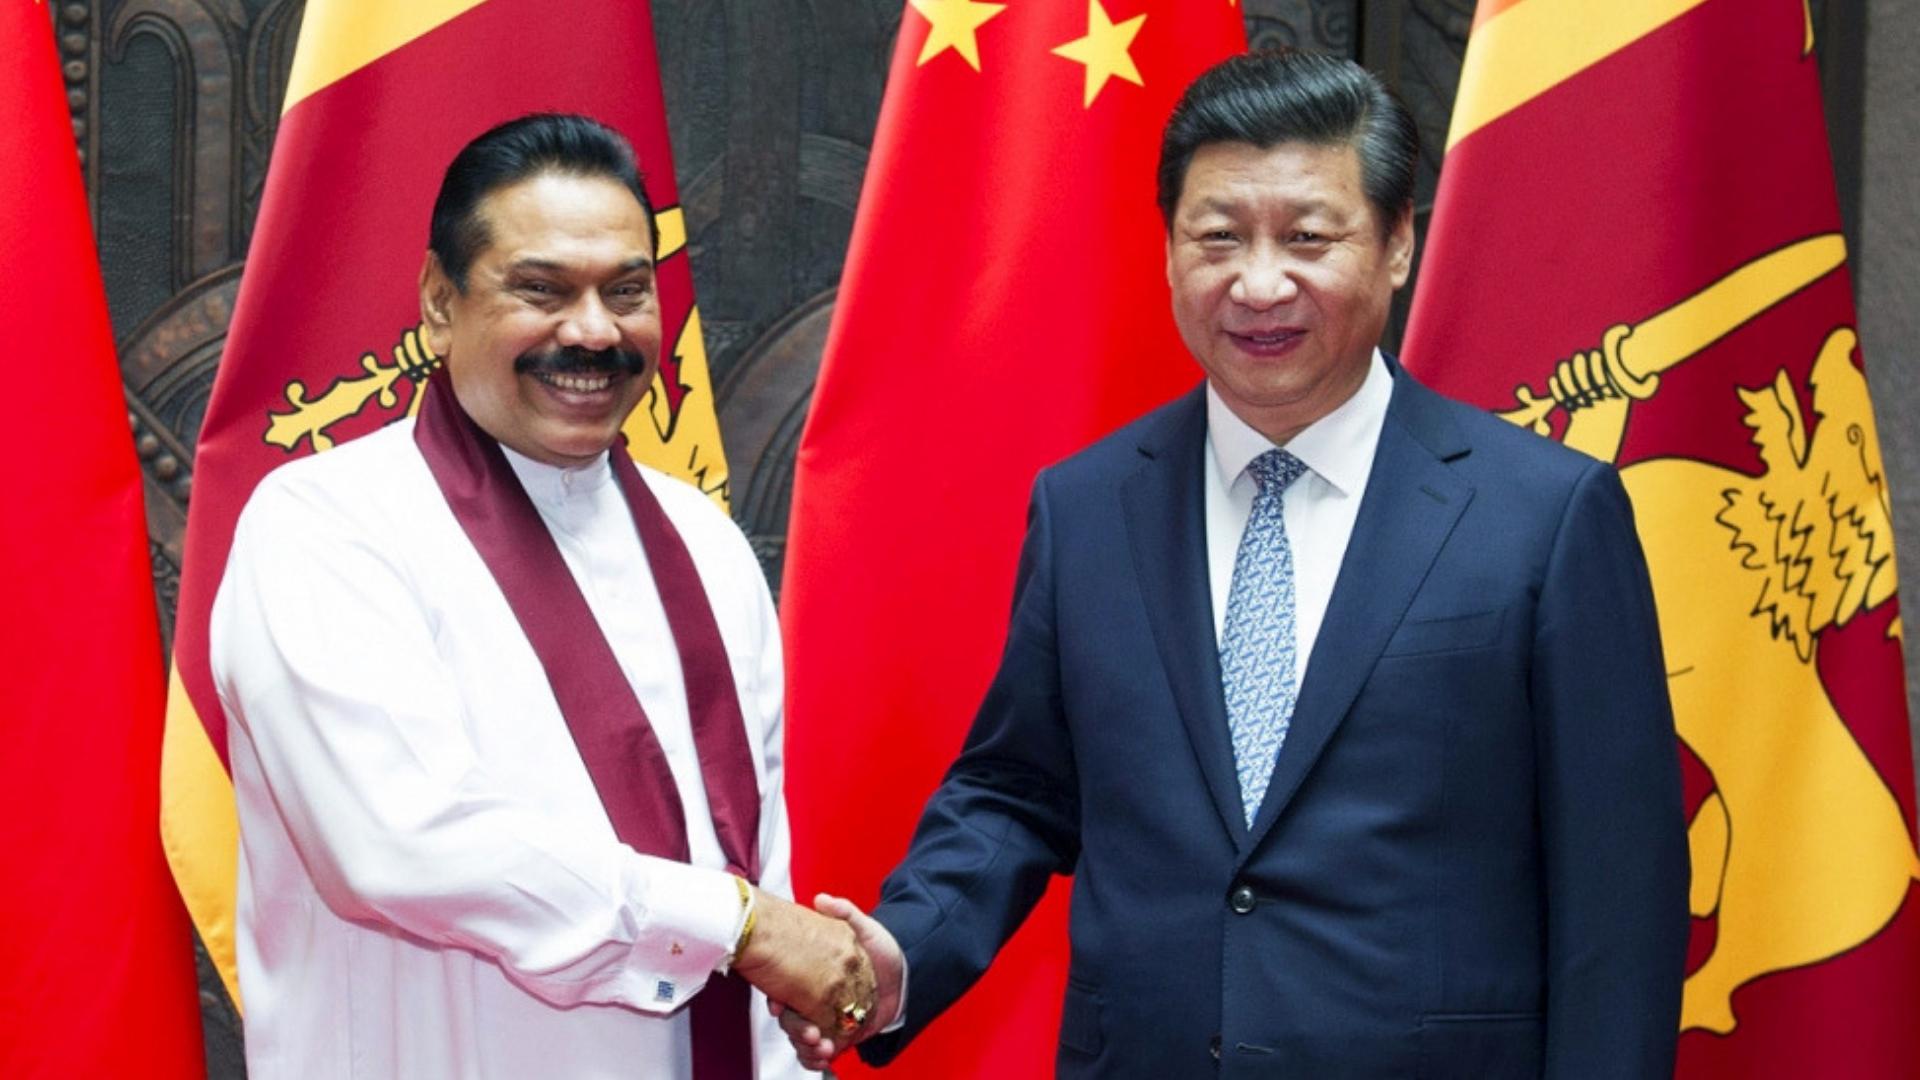 Is Sri Lanka, China's New Colony?